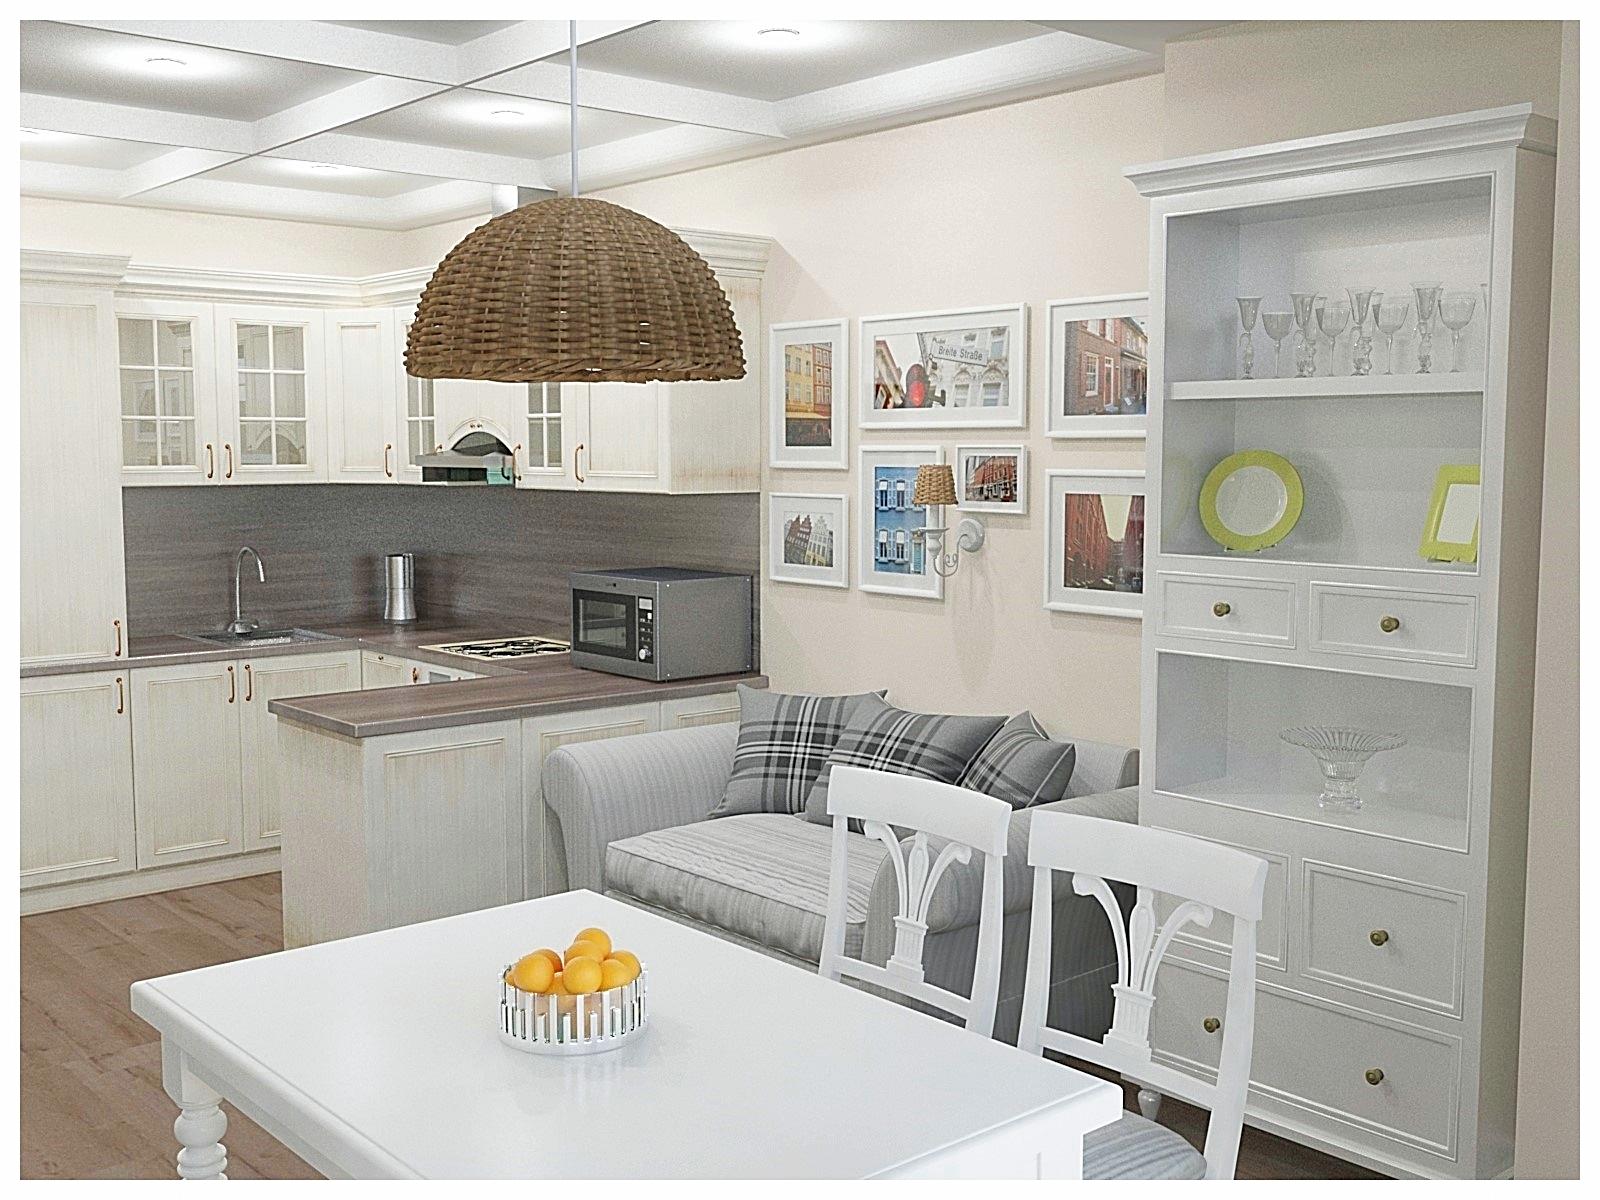 Дизайн интерьеров двухкомнатной квартиры. Гостиная-кухня 1.